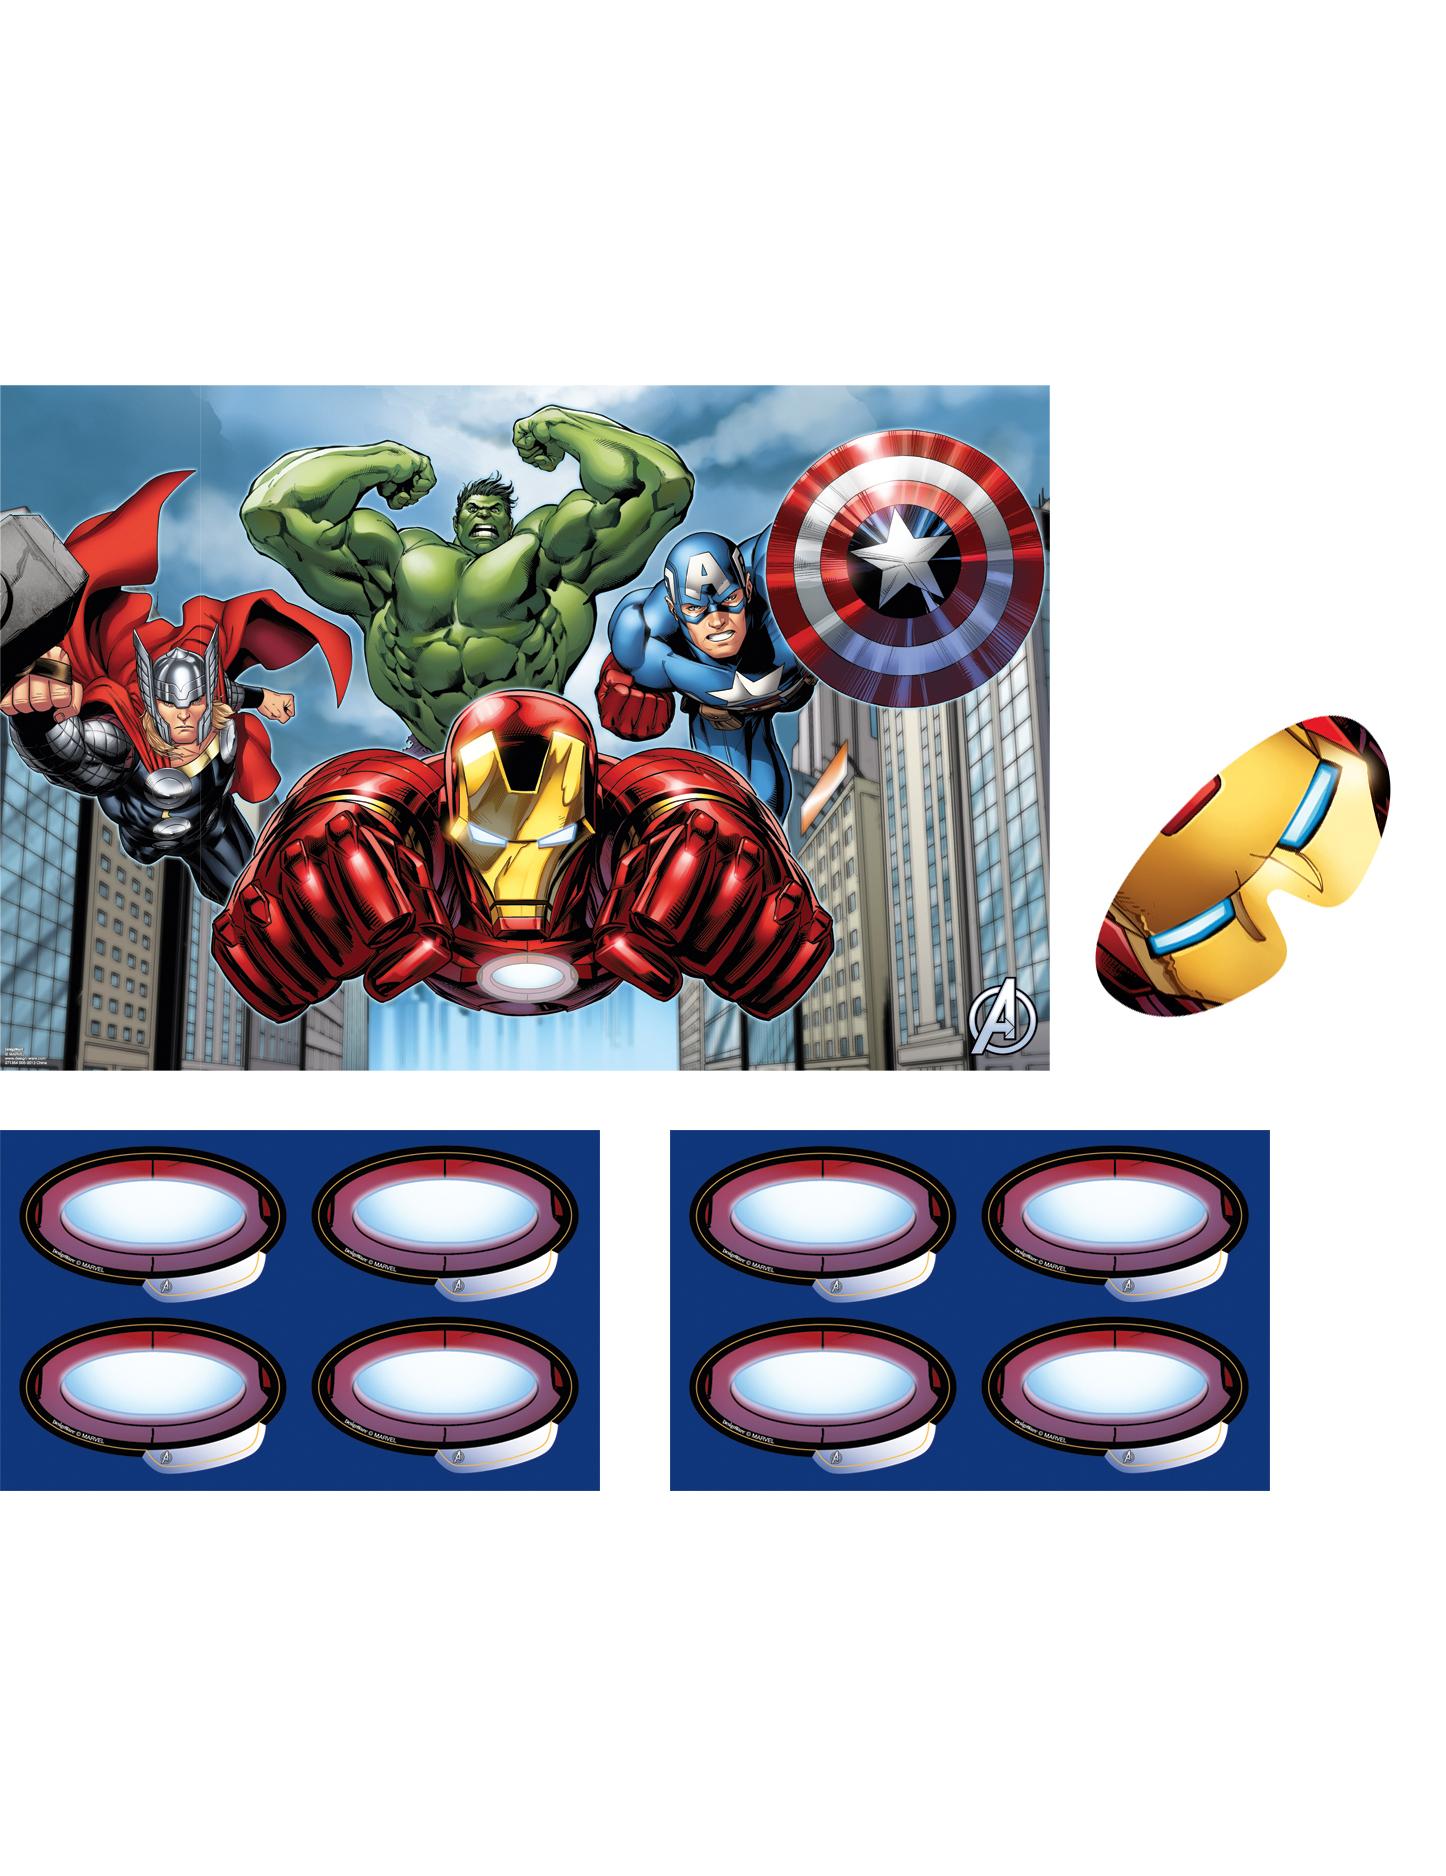 Jeu Avengers ™, décoration anniversaire et fêtes à thème ...